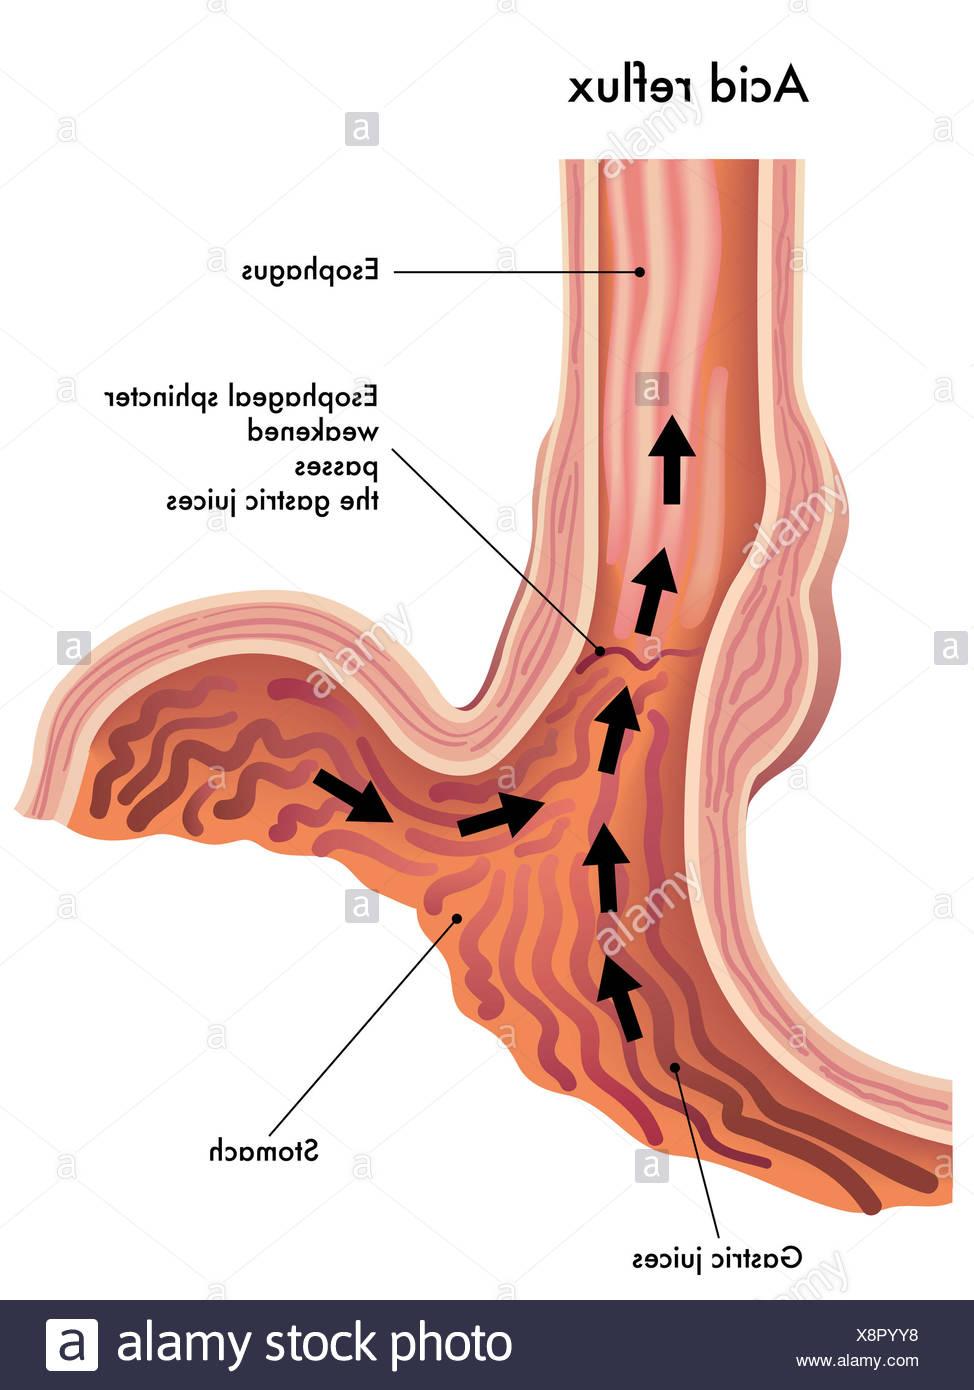 stomach oesophagus esophagus Stock Photo: 280788012 - Alamy